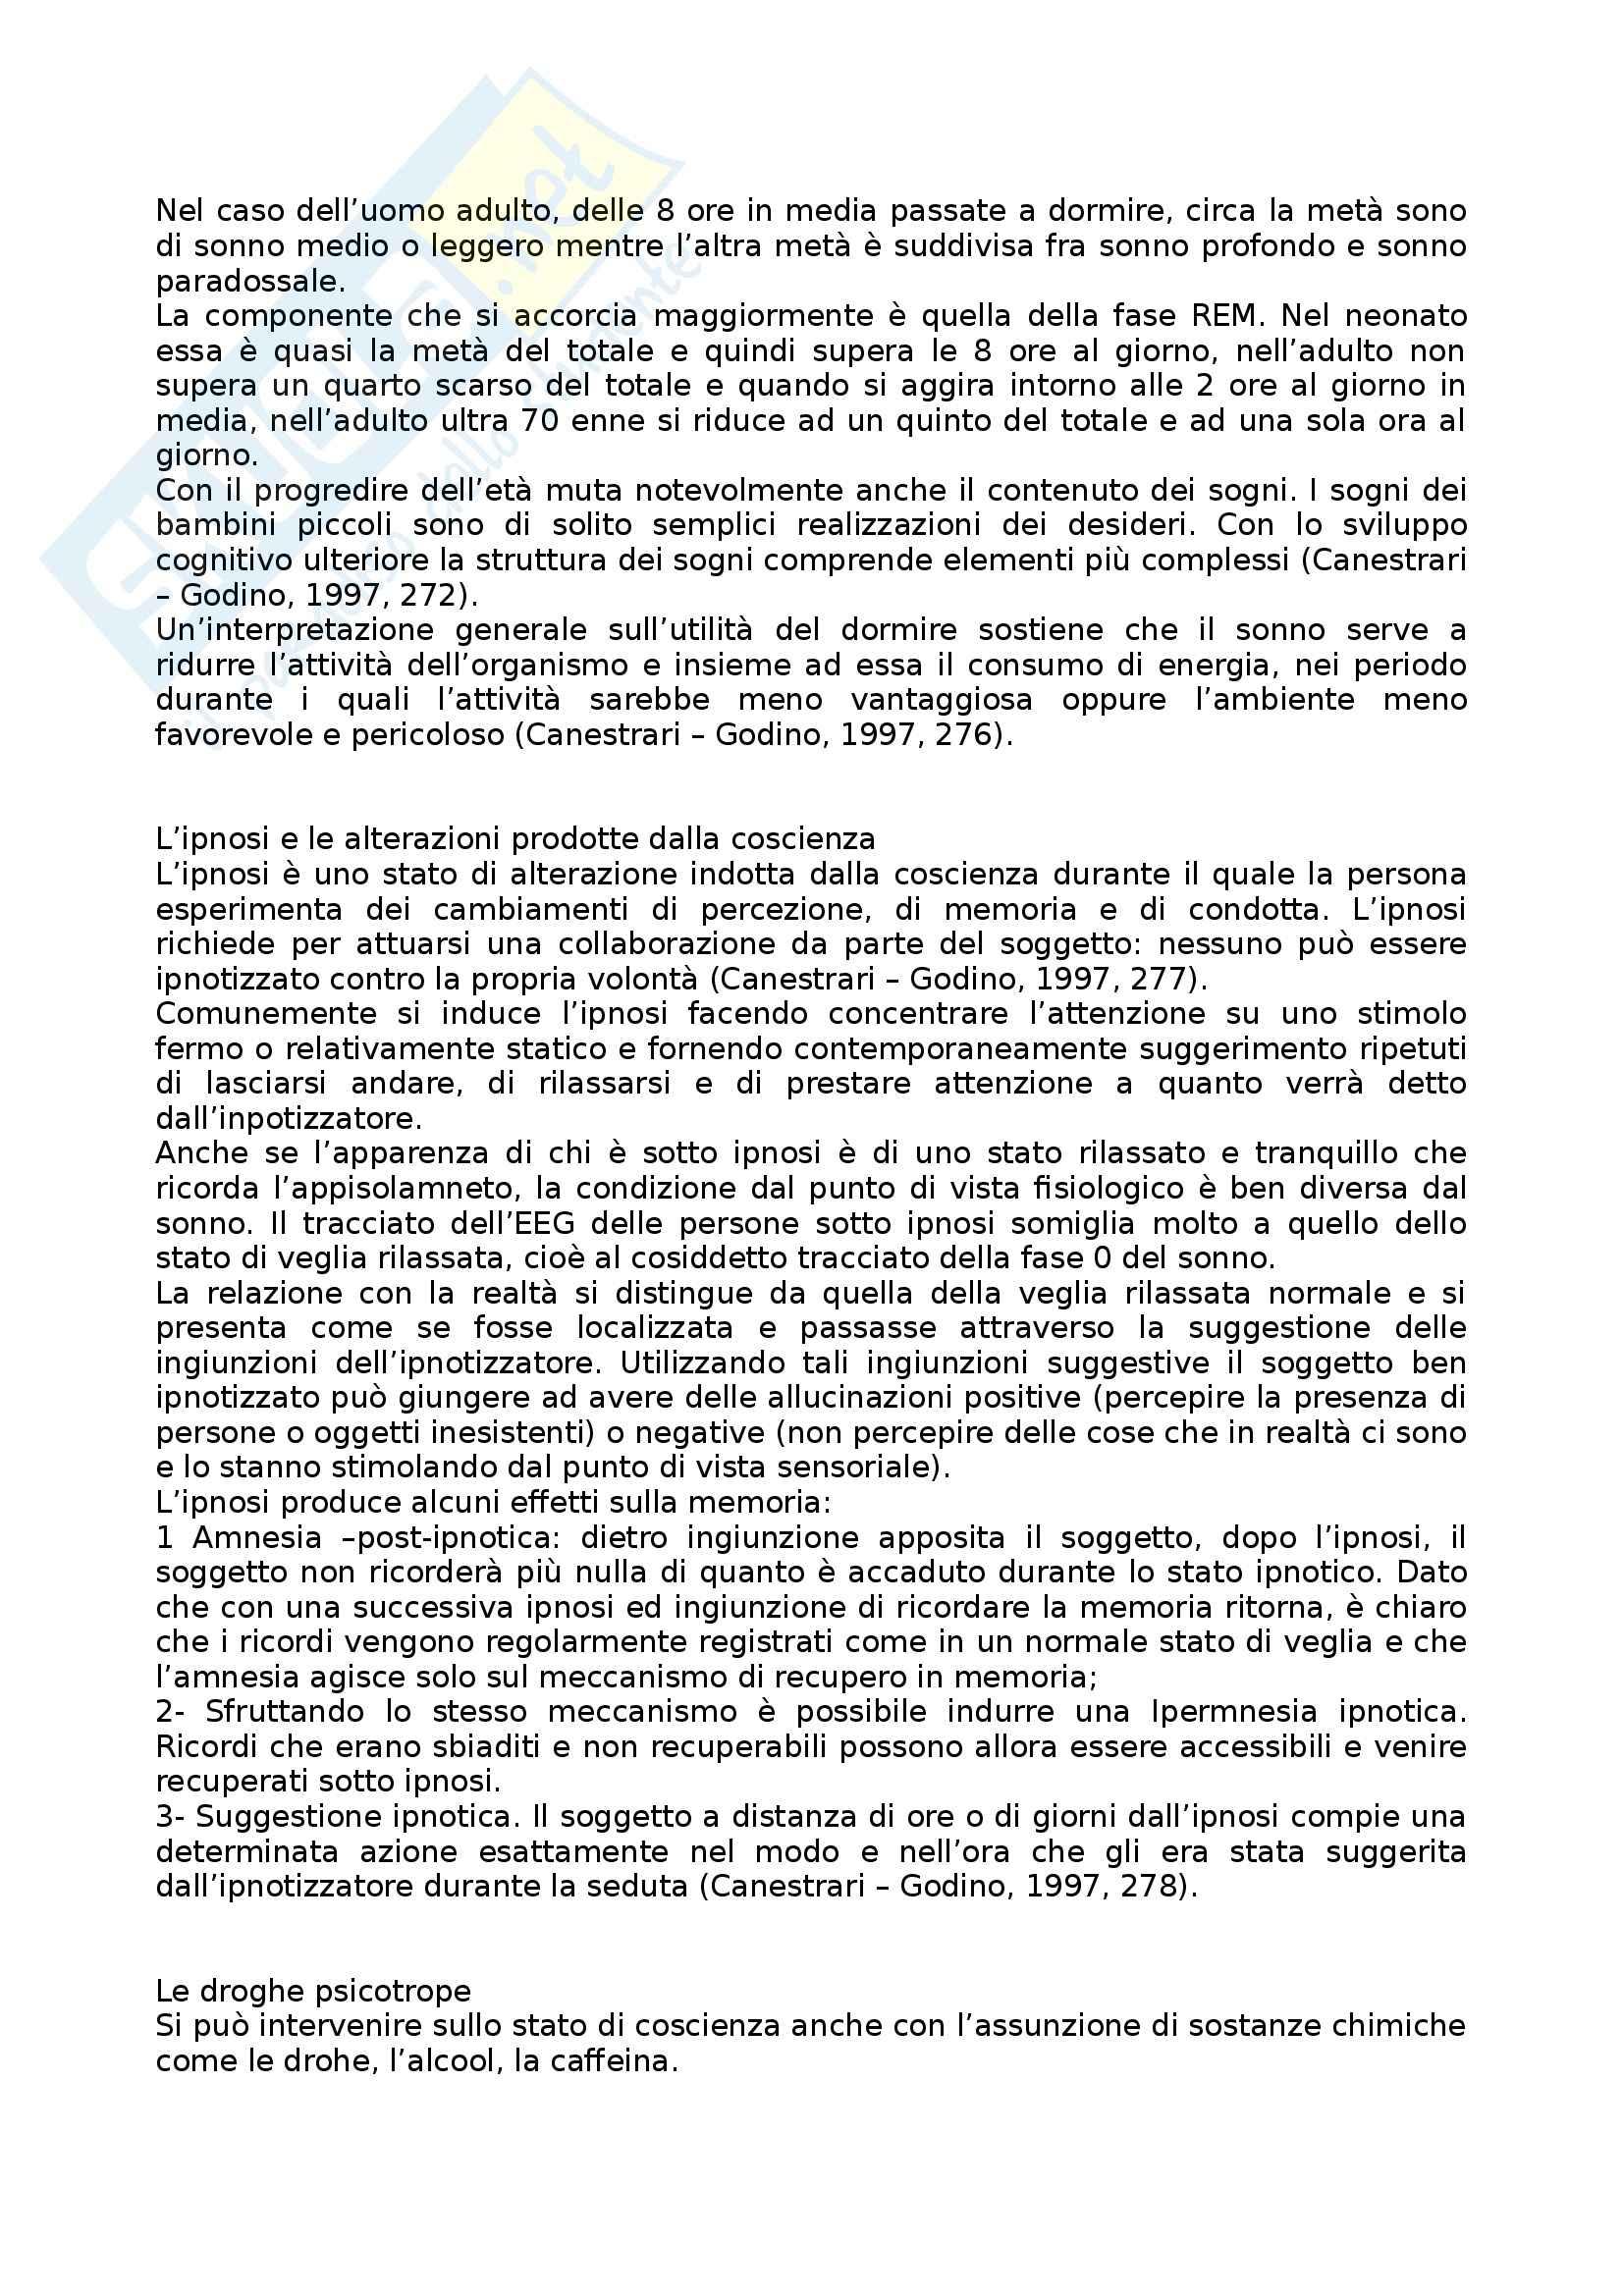 Riassunto esame Psicologia Generale, prof. Miceli, libro consigliato Trattato di Psicologia, Canestrari, Godino Pag. 61